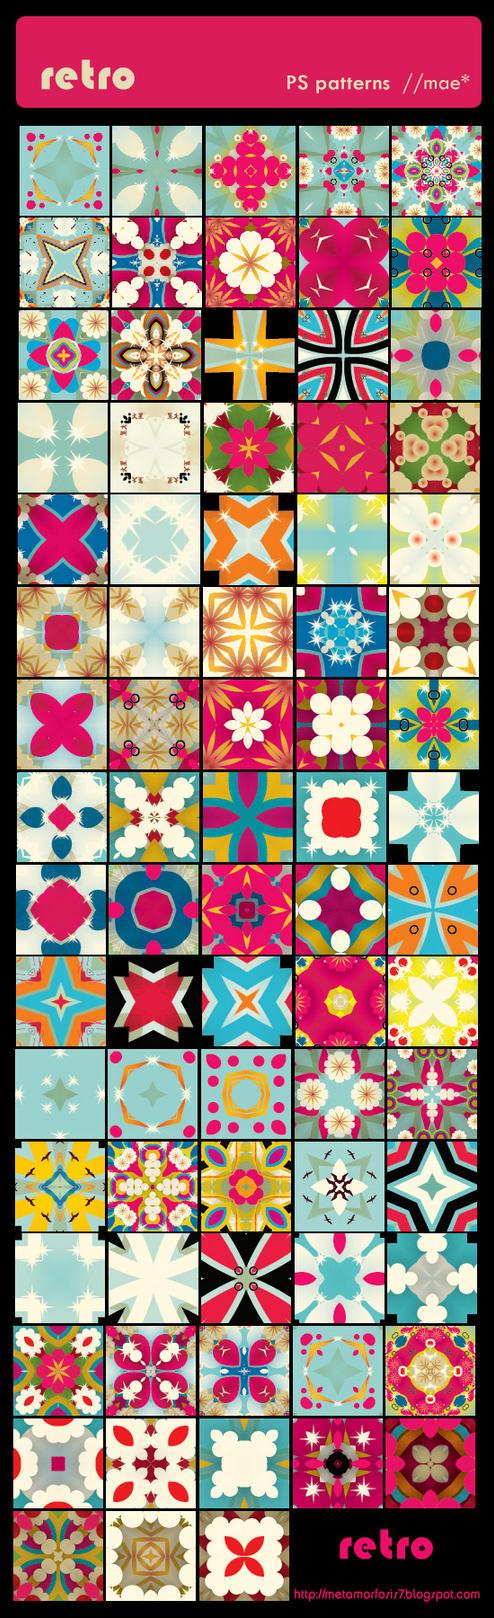 مكتبة الباترن 2013 ( اكبر تجميعه لملفات البآترن ) 2013 Retro_PS_patterns_by_mae_b